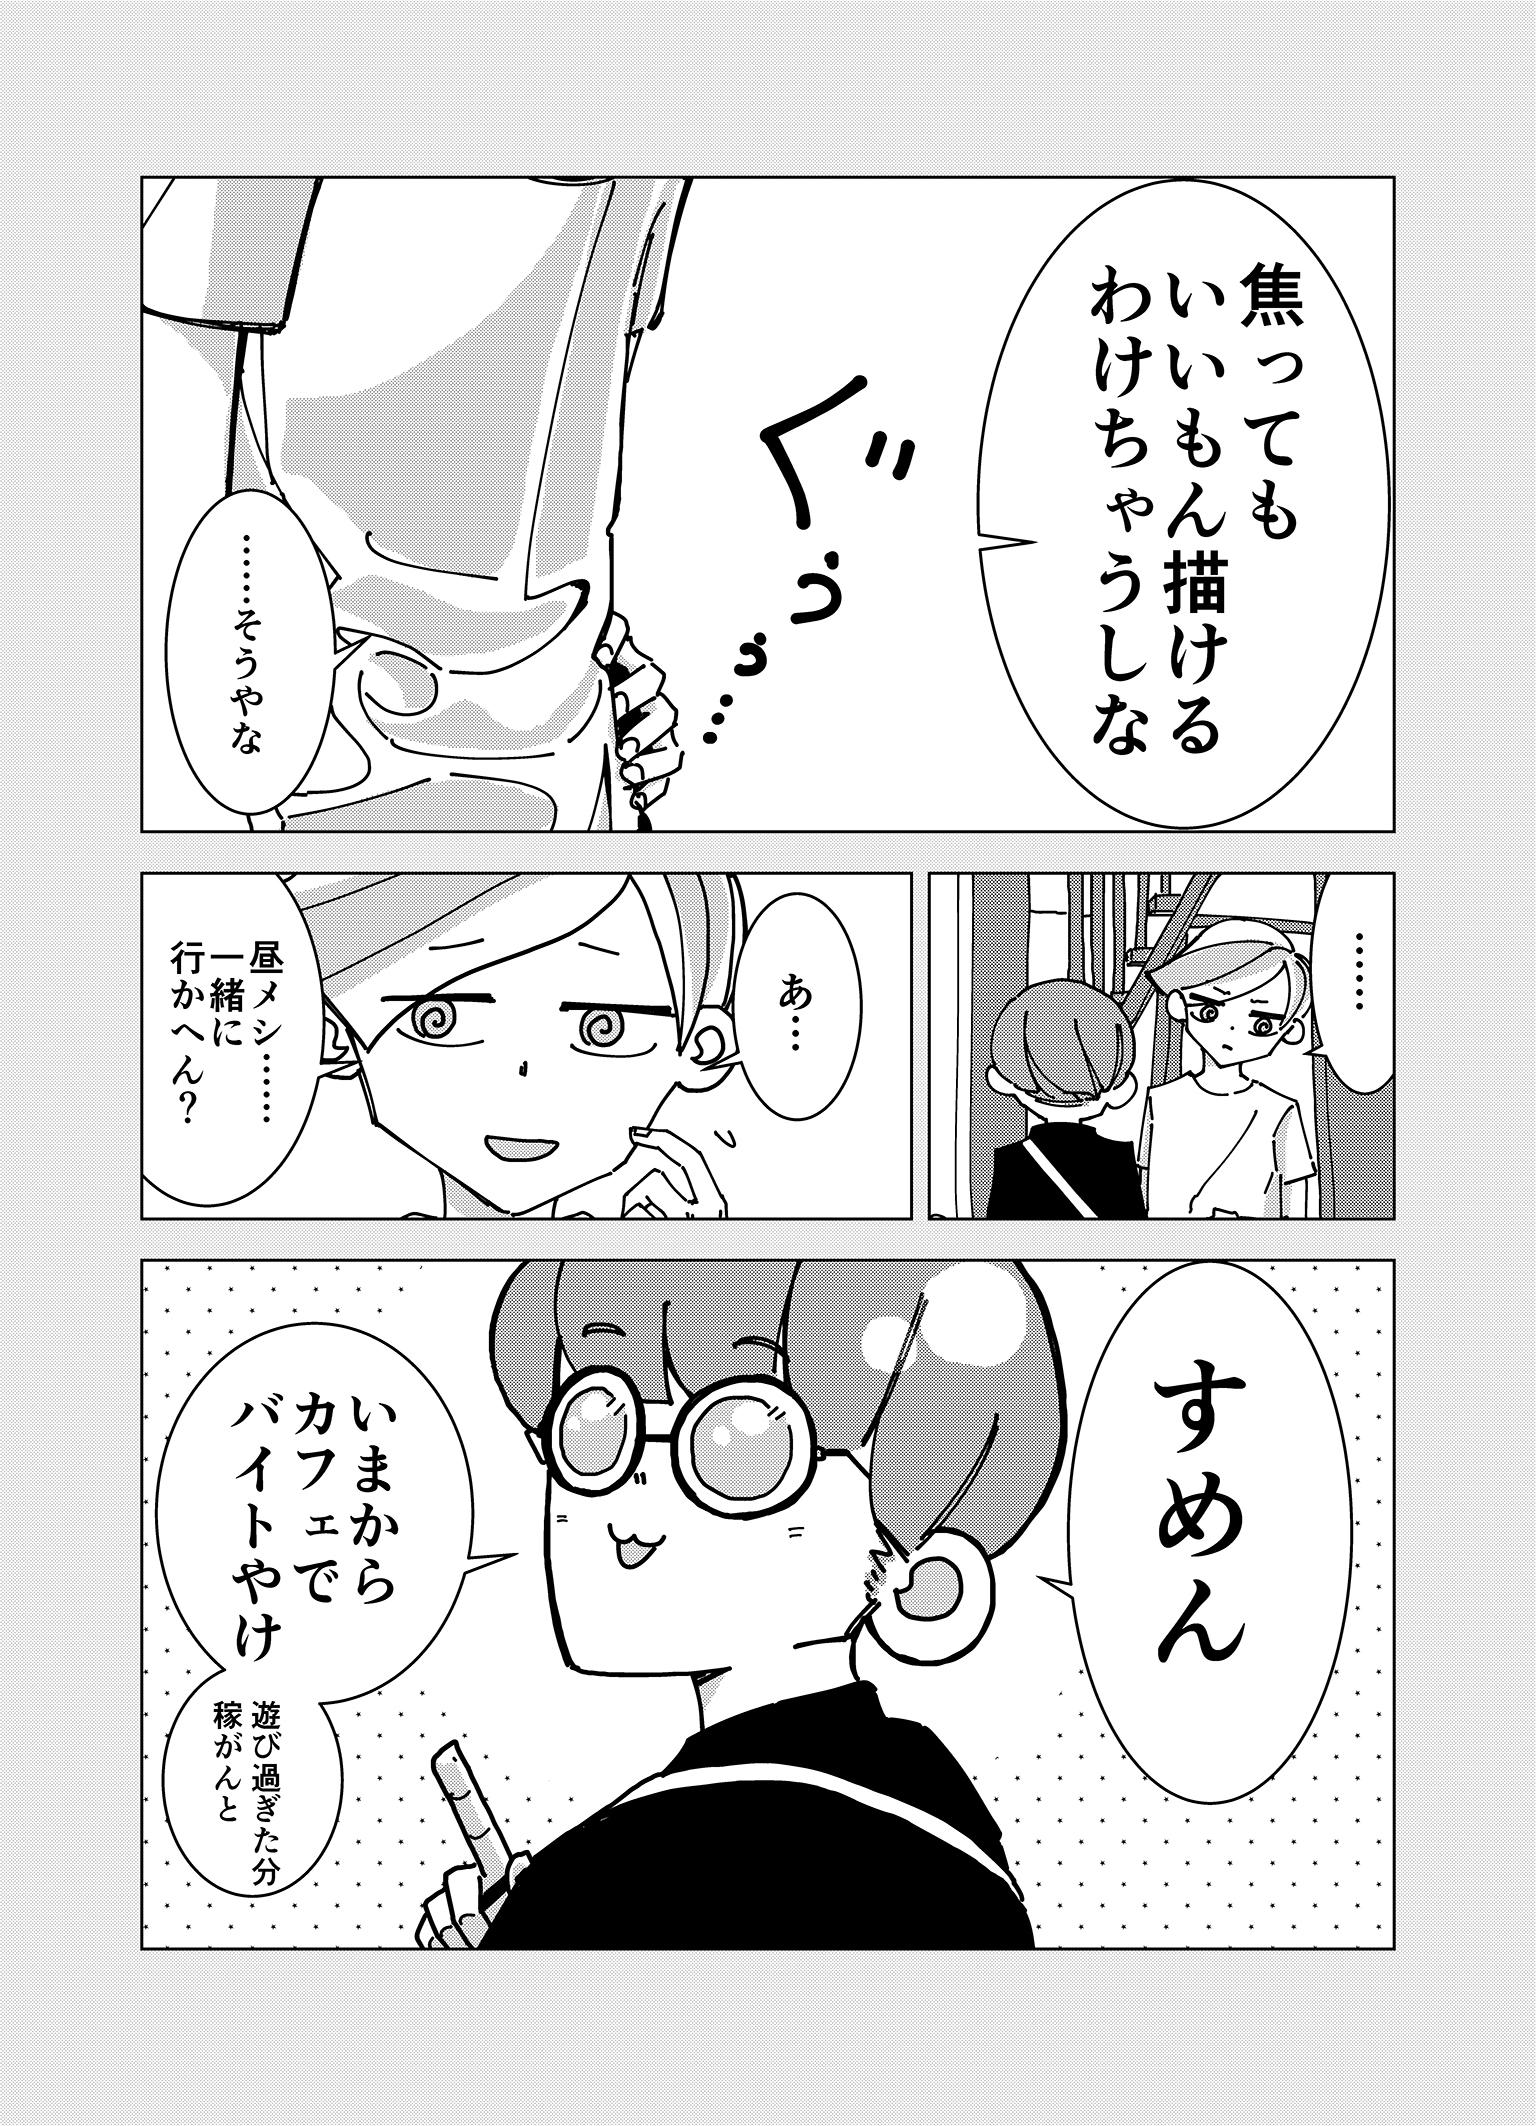 share04_009